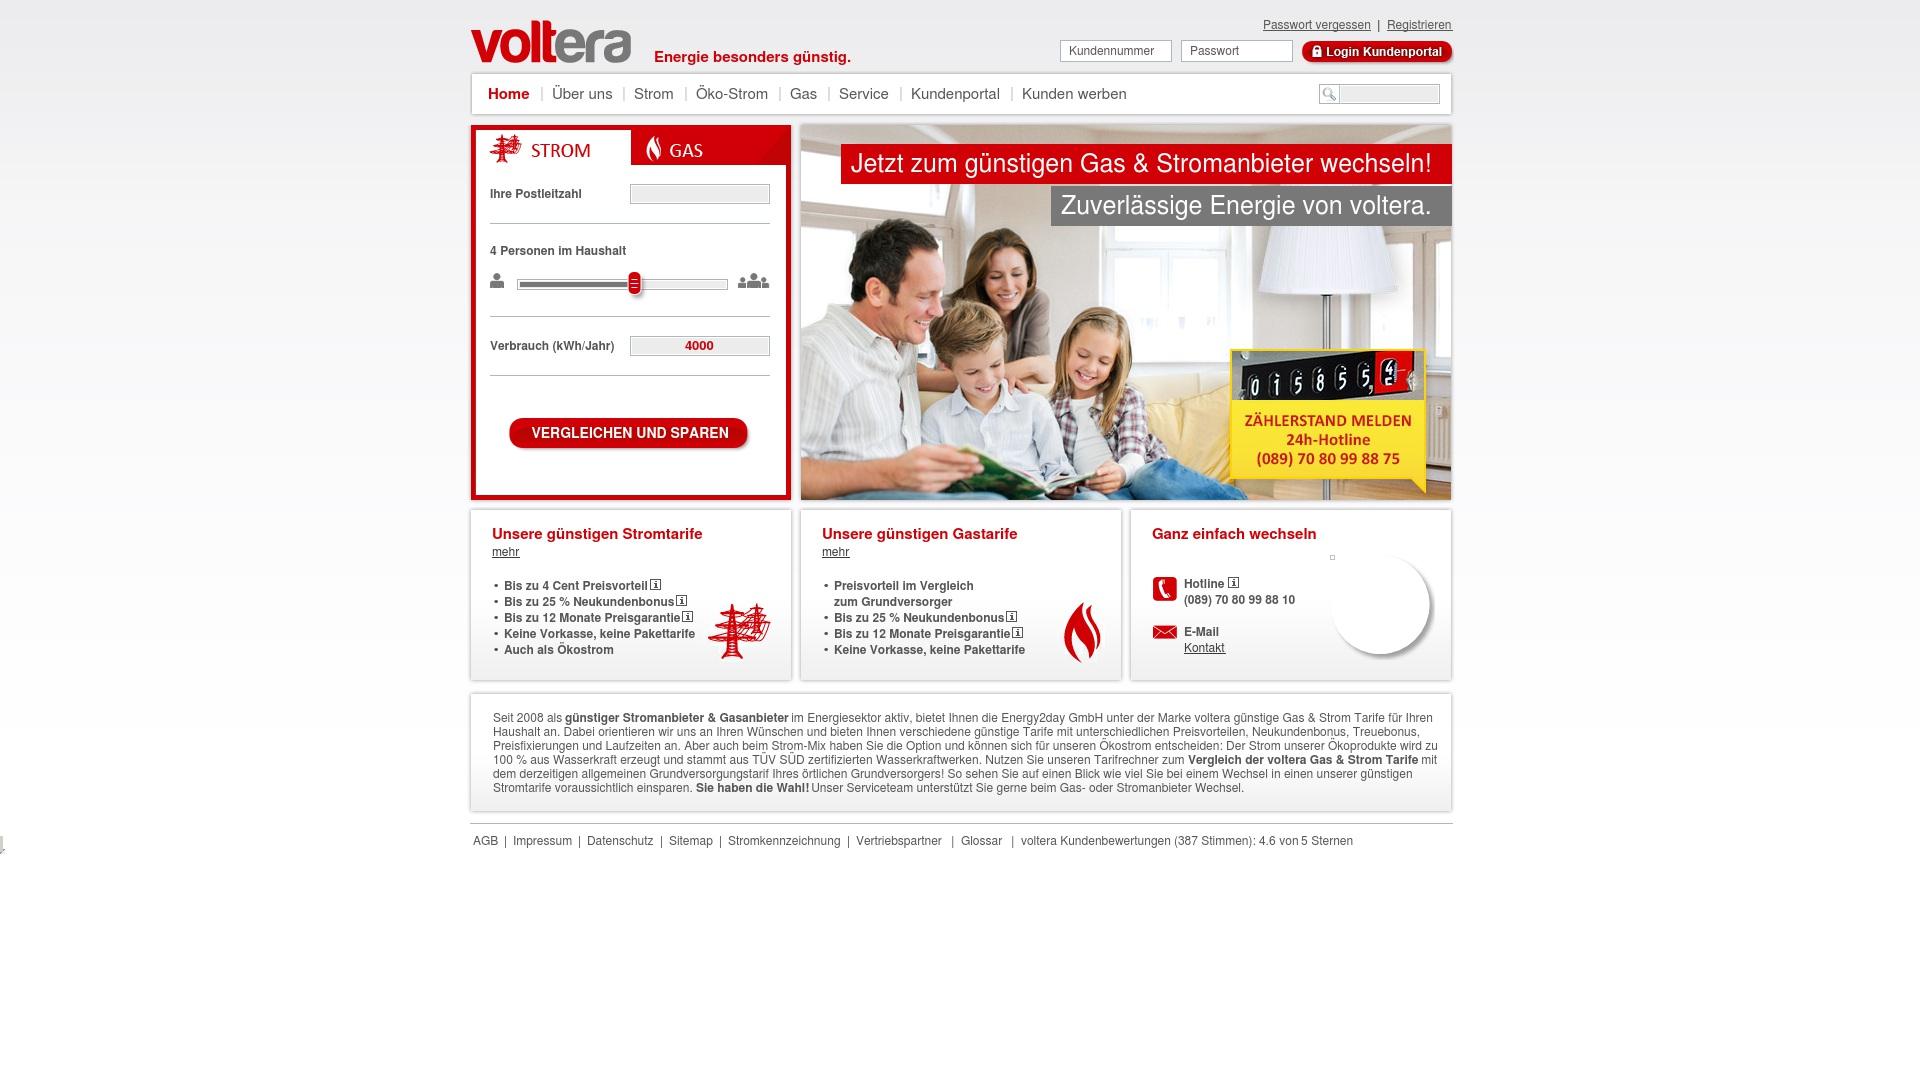 Gutschein für Voltera: Rabatte für Voltera sichern